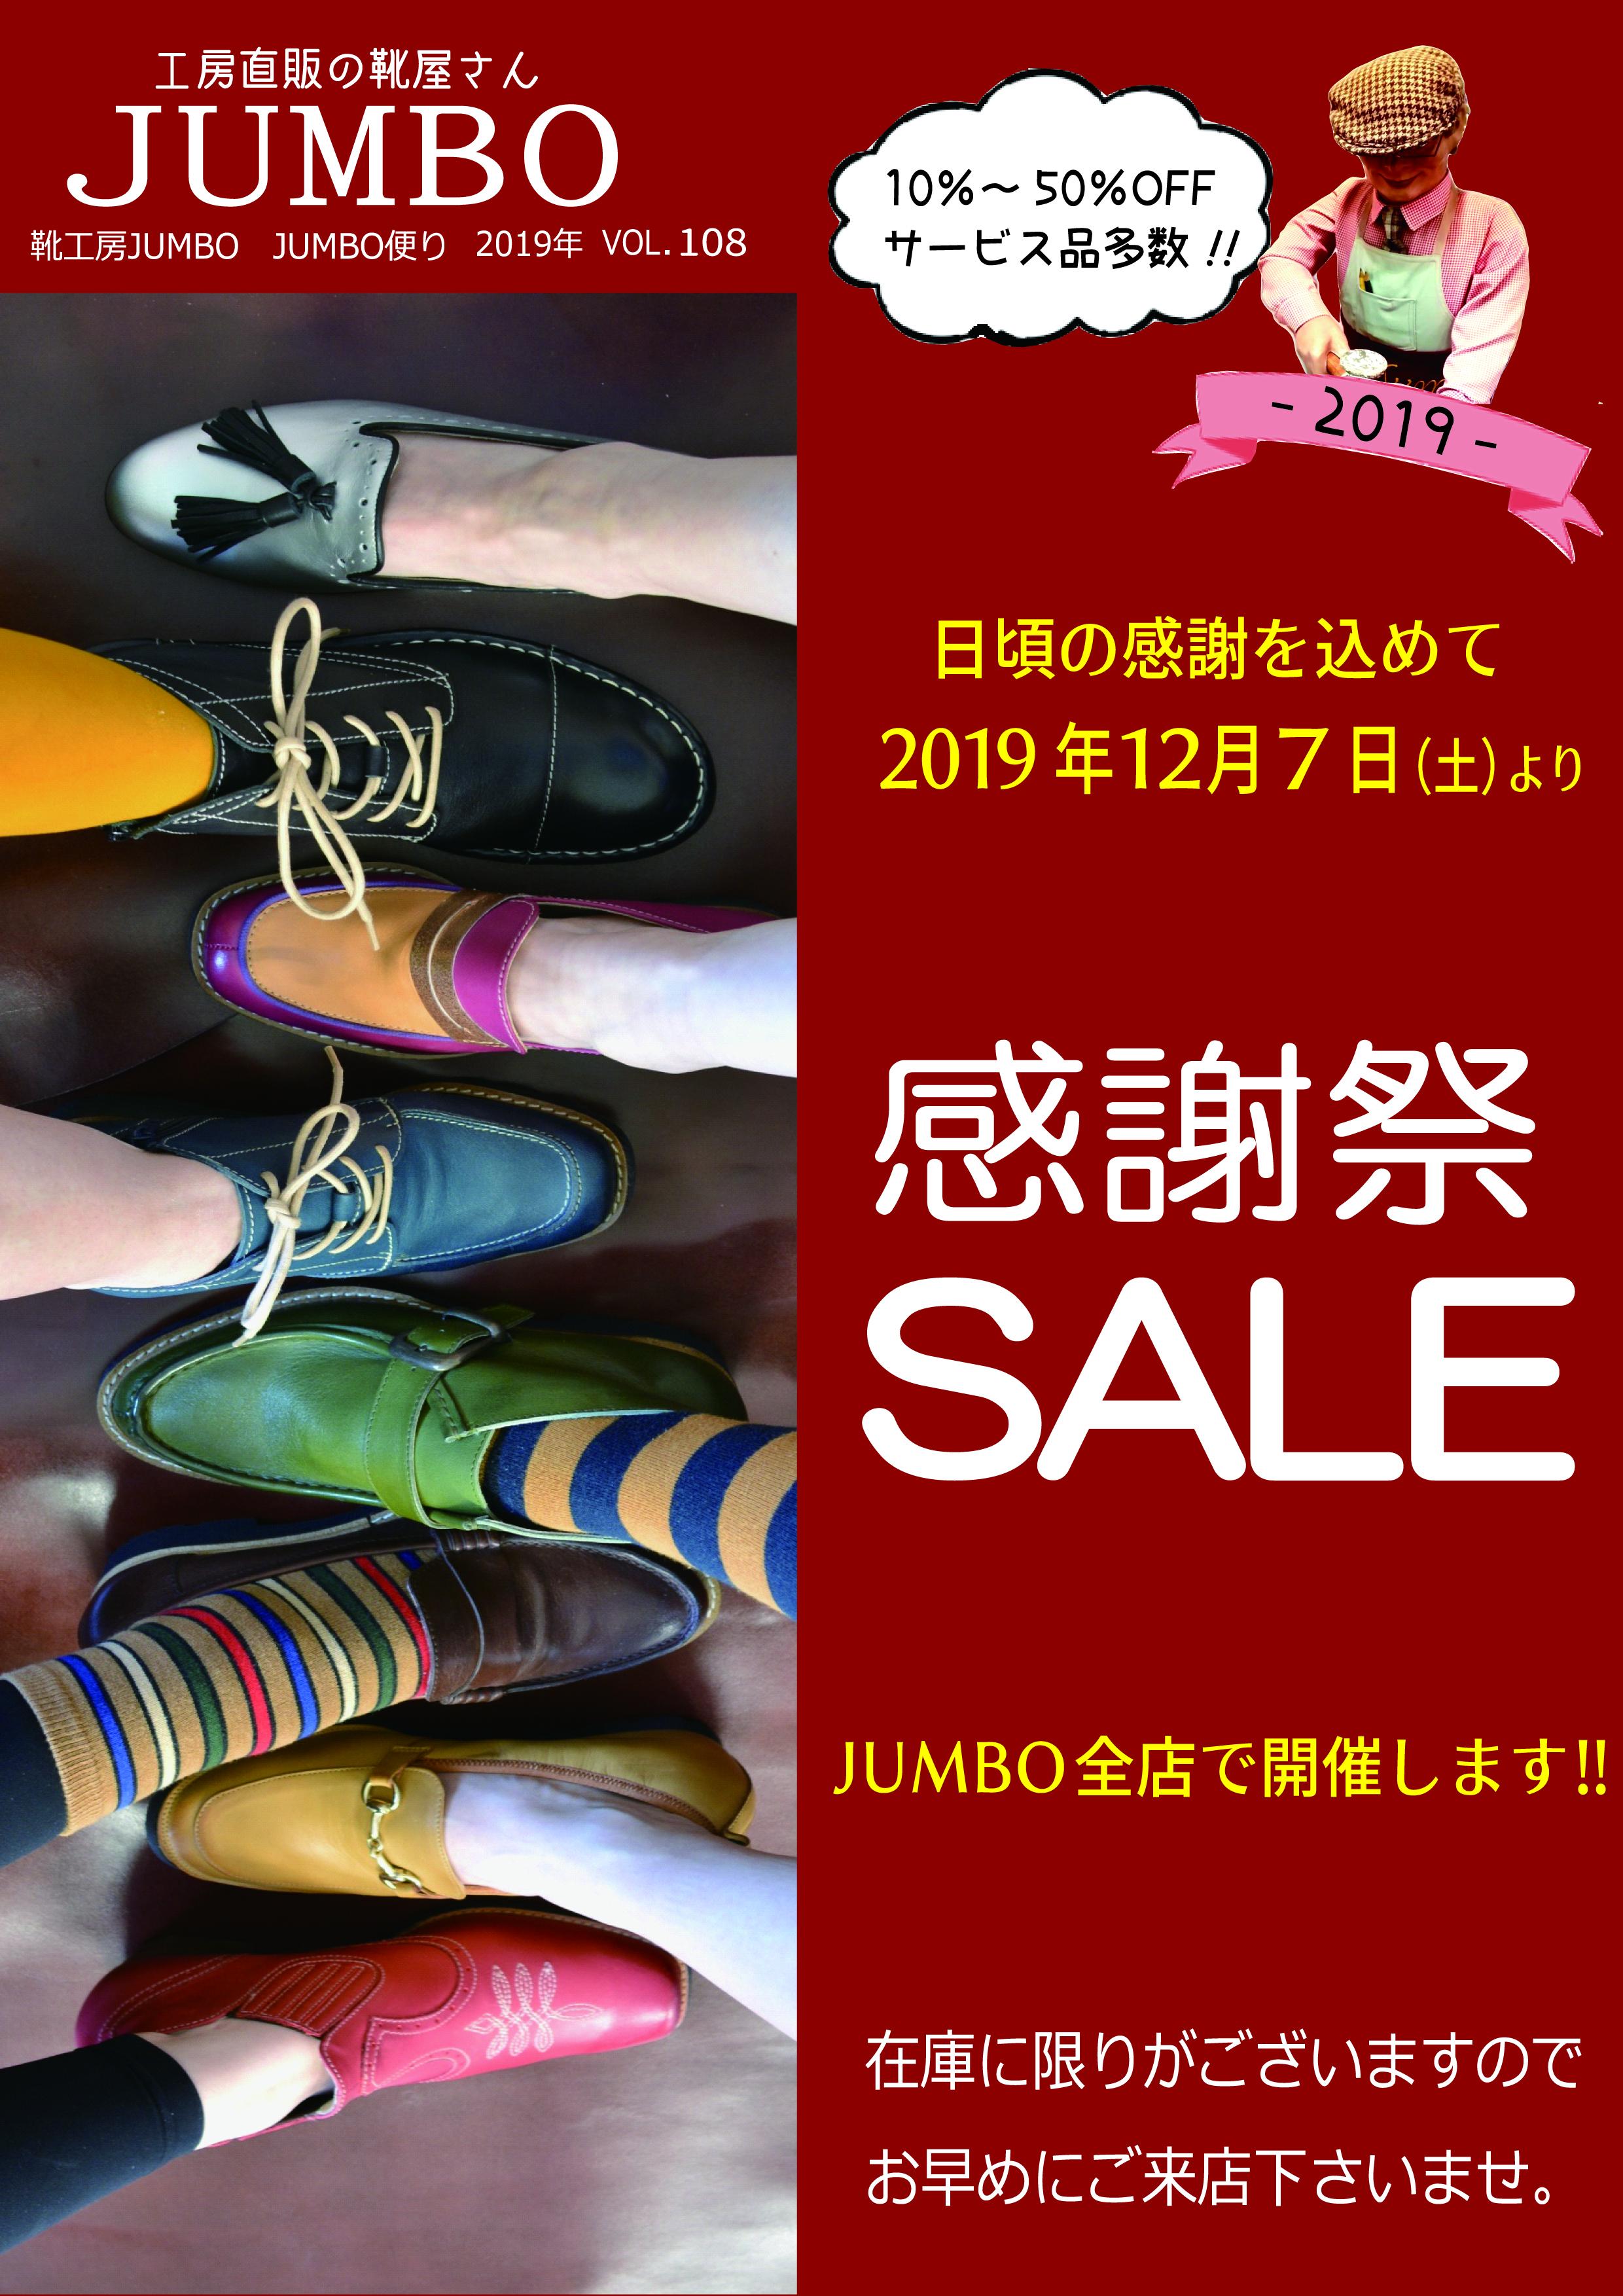 ★JUMBOの【感謝祭SALE】始まりまし★